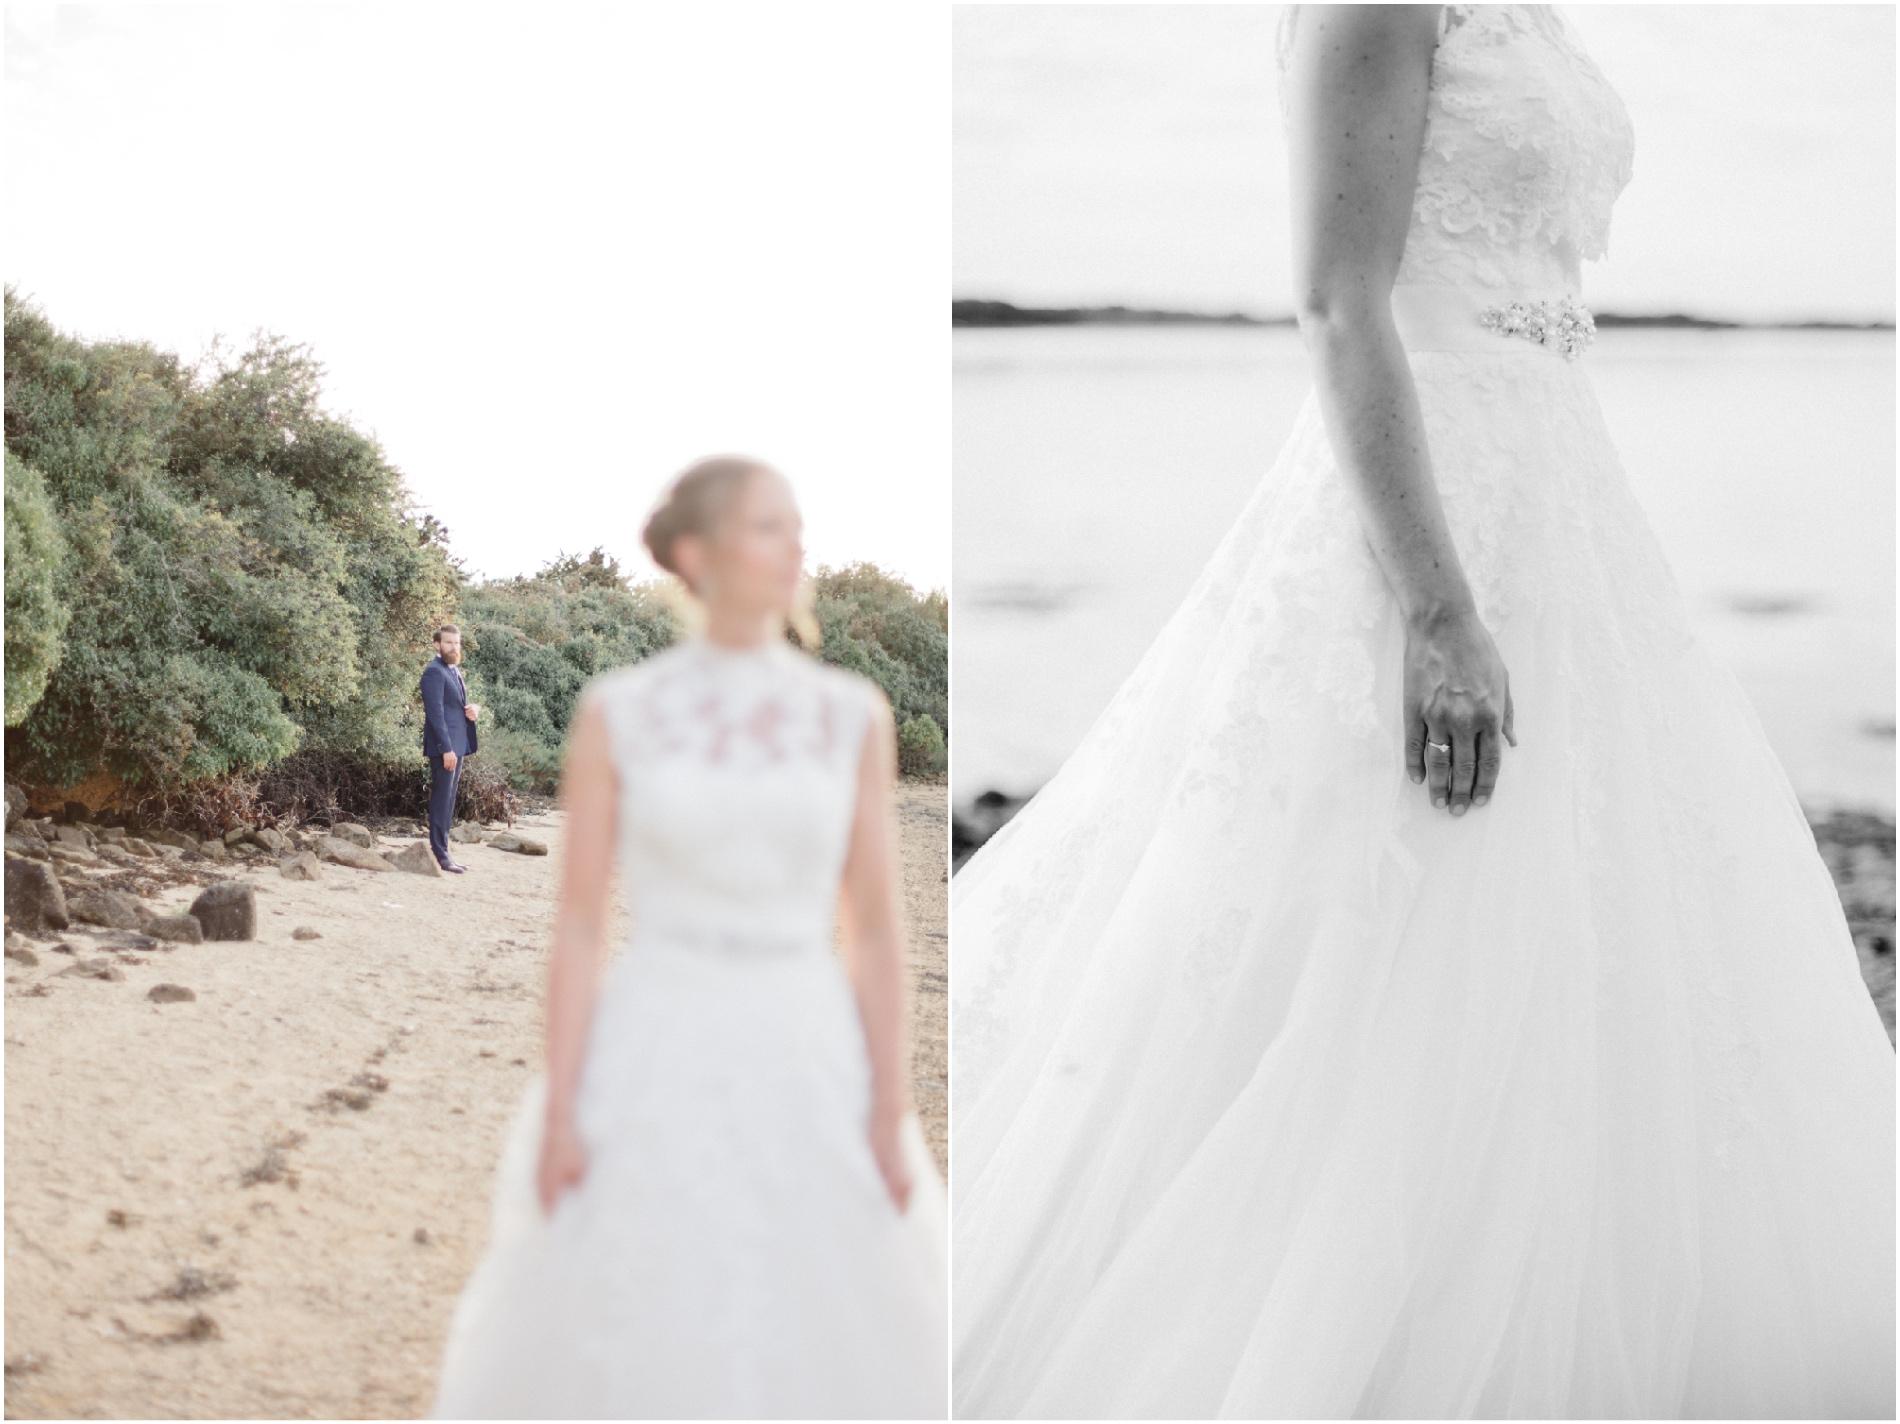 photographe-mariage-bretagne-mt-dyptique19